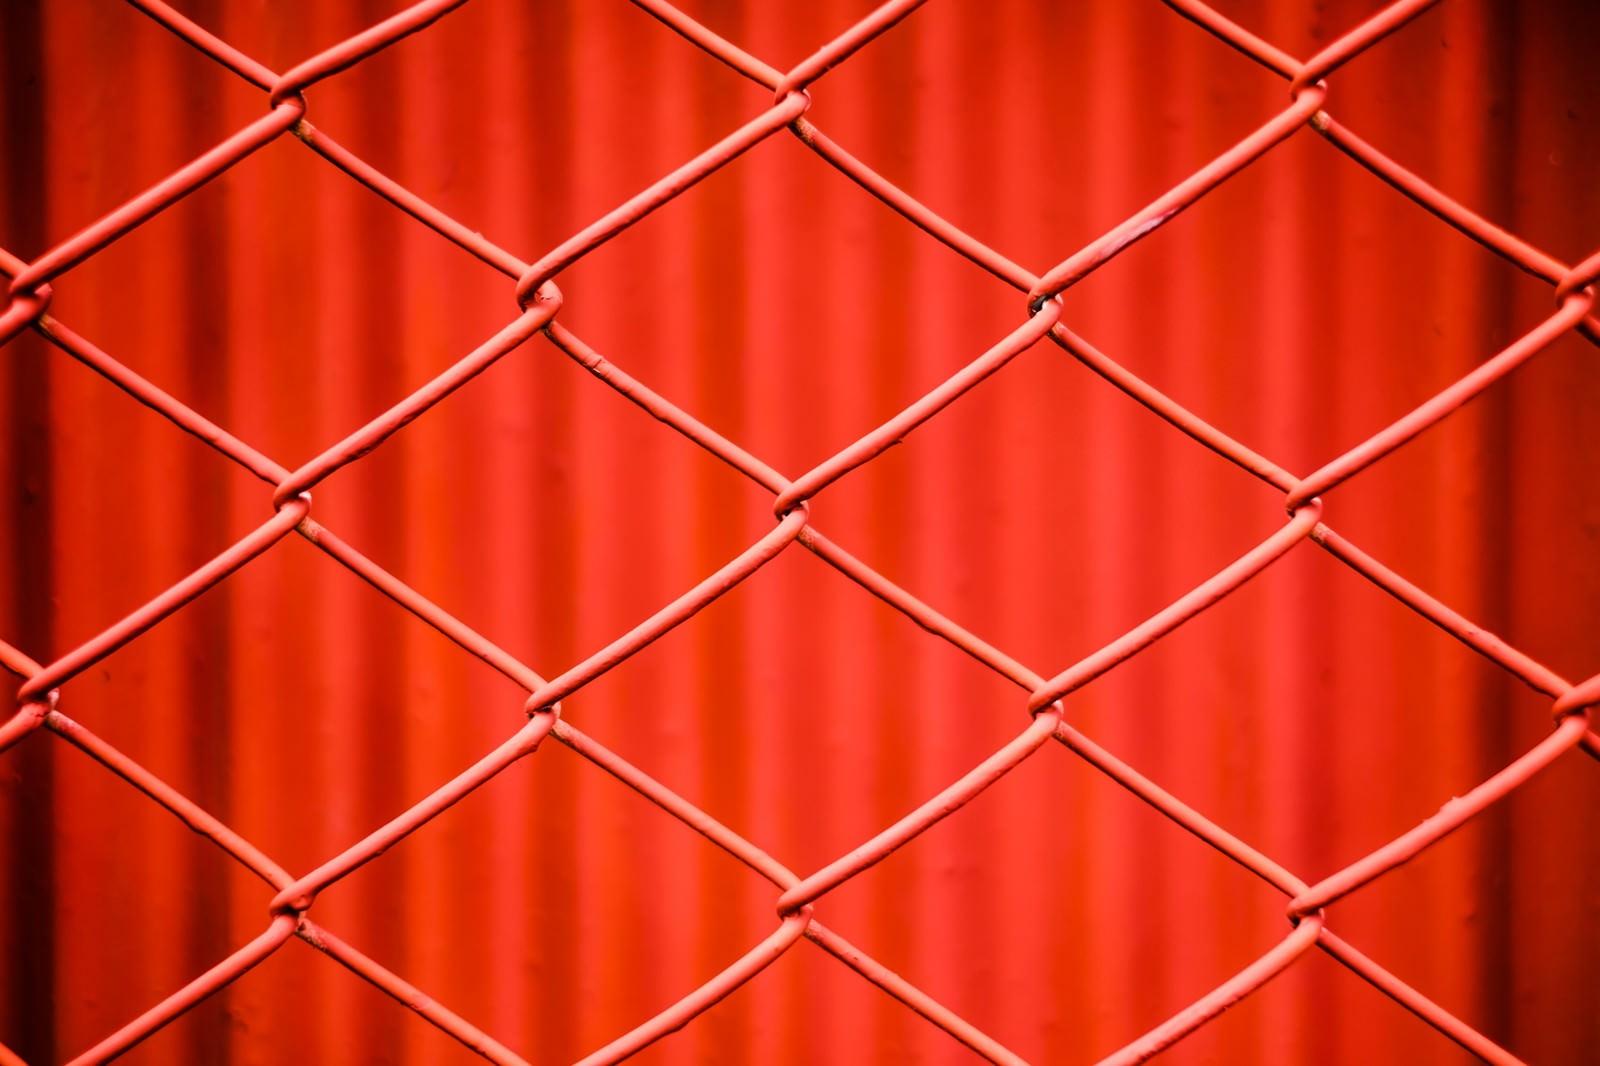 「赤いネットフェンス」の写真